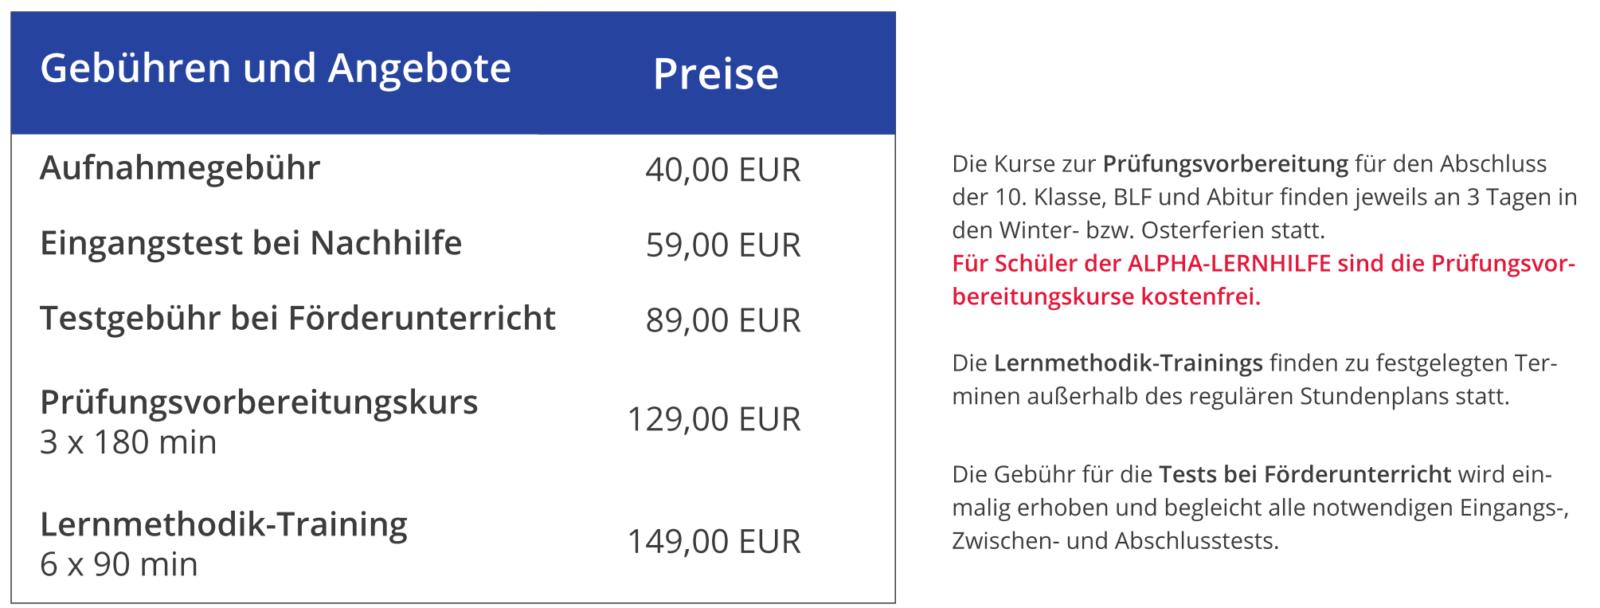 Aktuelle Preisliste: Einmalige Kosten und Angebote